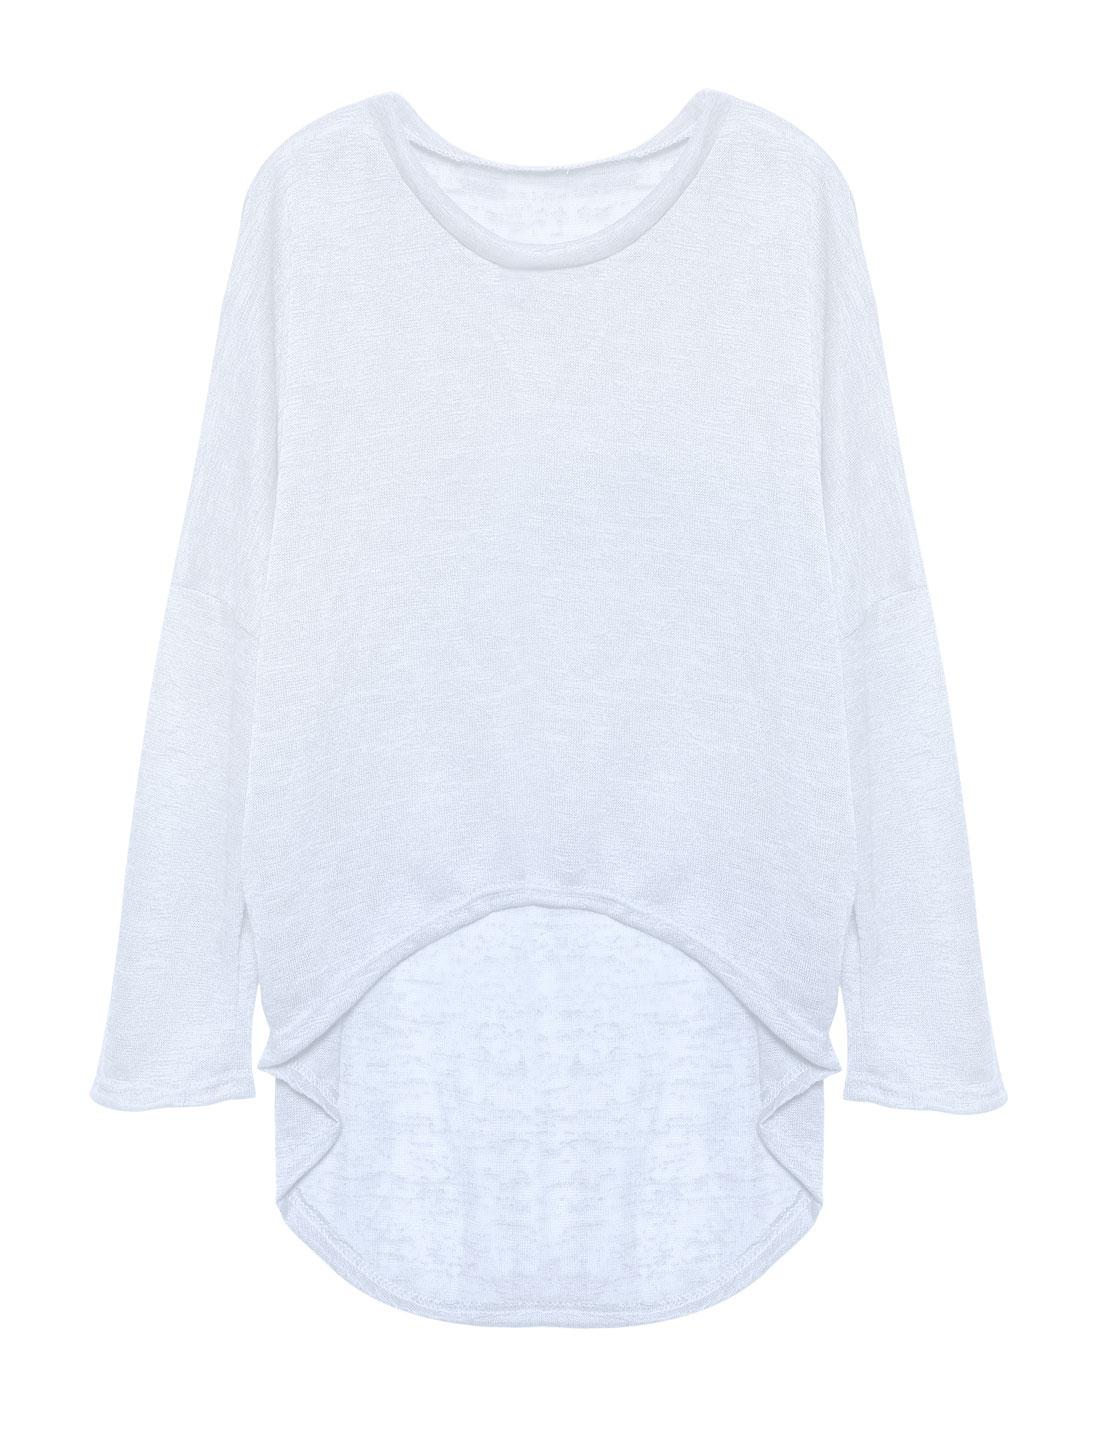 Ladies Hi-Lo See Through Loose Dolman Knit Shirt White S